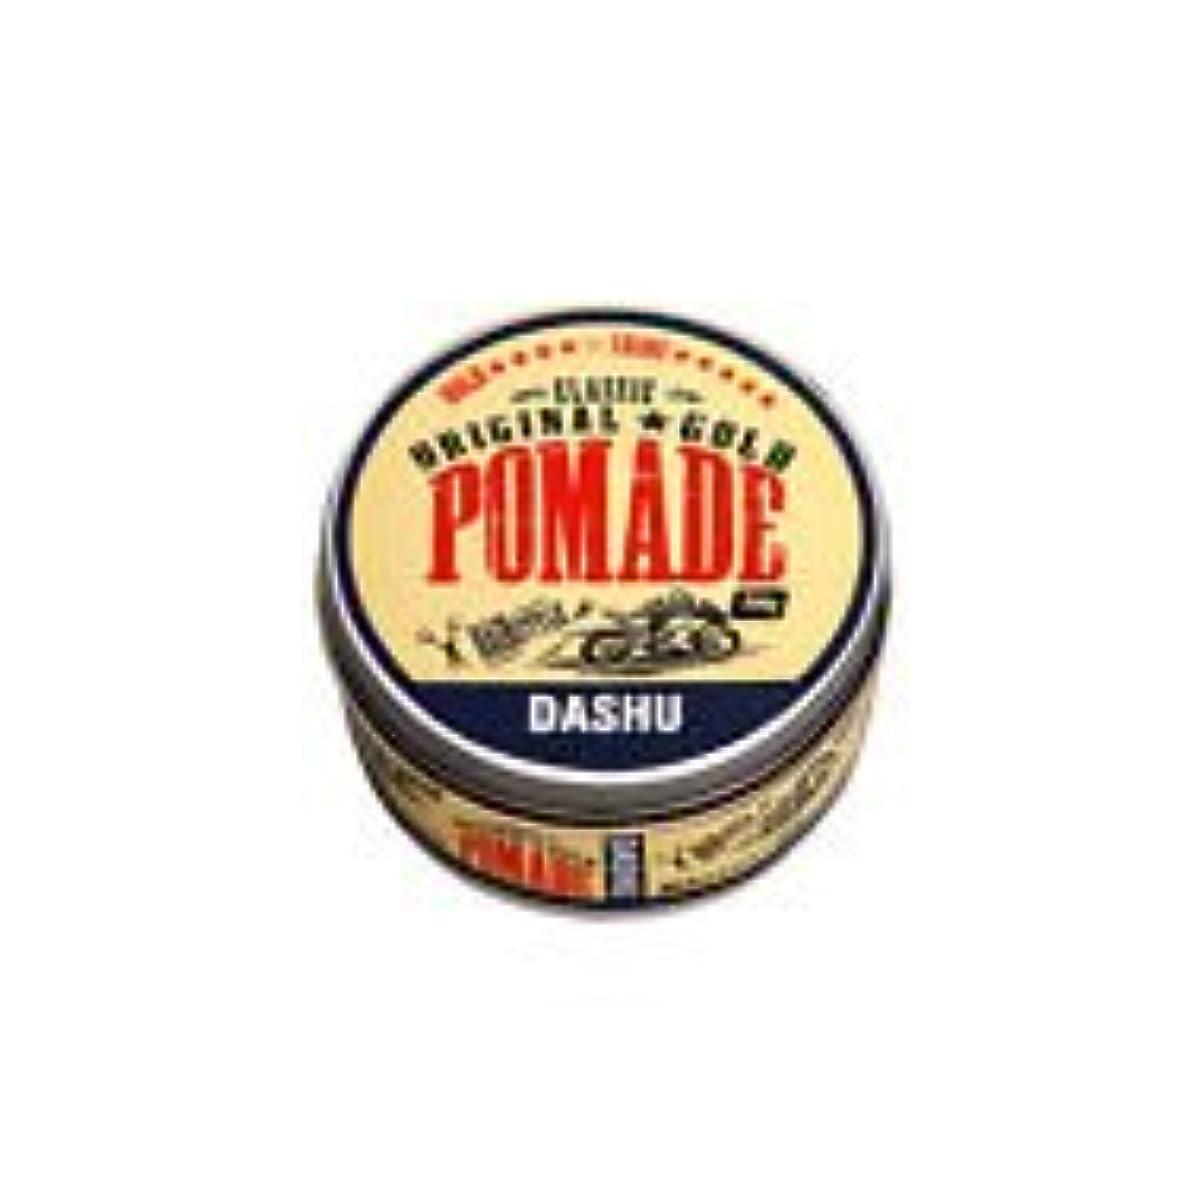 マルクス主義パステル民間[DASHU] ダシュ クラシックオリジナルゴールドポマードヘアワックス Classic Original Gold Pomade Hair Wax 100ml / 韓国製 . 韓国直送品